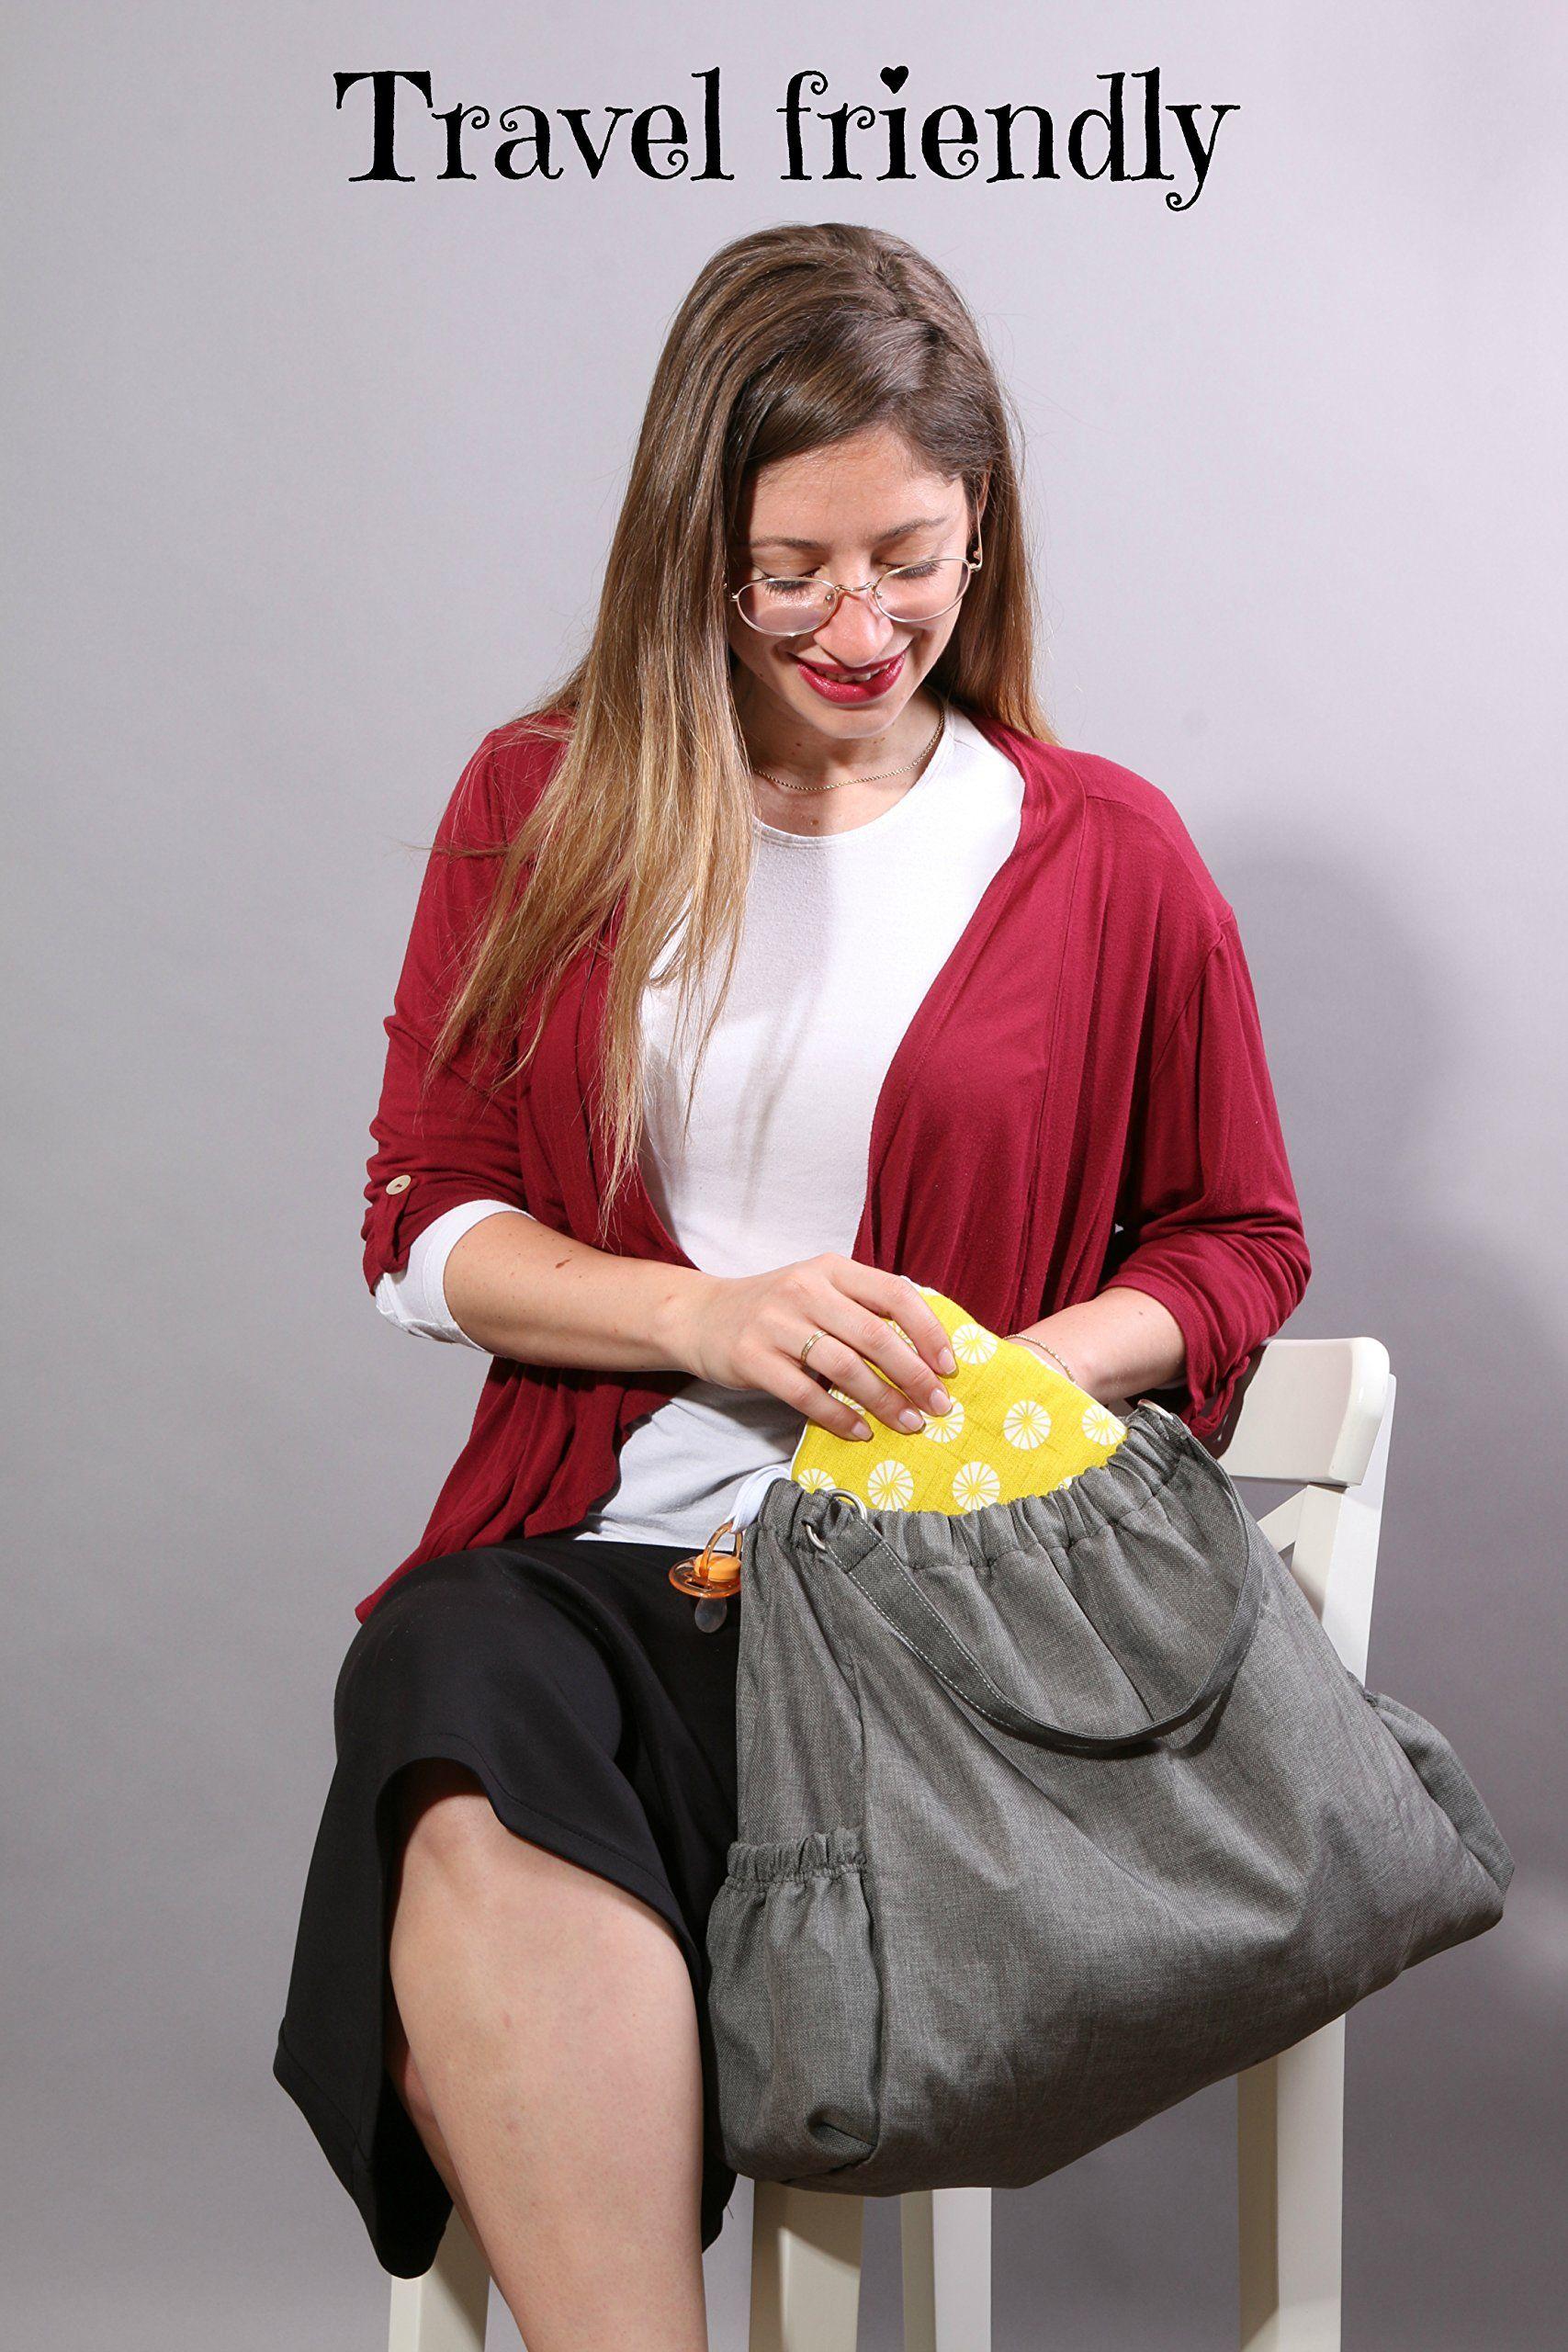 Friendly Deer Slip-on Arm Nursing Pillow /& Plush w//Slip-Cover /& Carry Bag 8.5 x 7 x 2.75 in